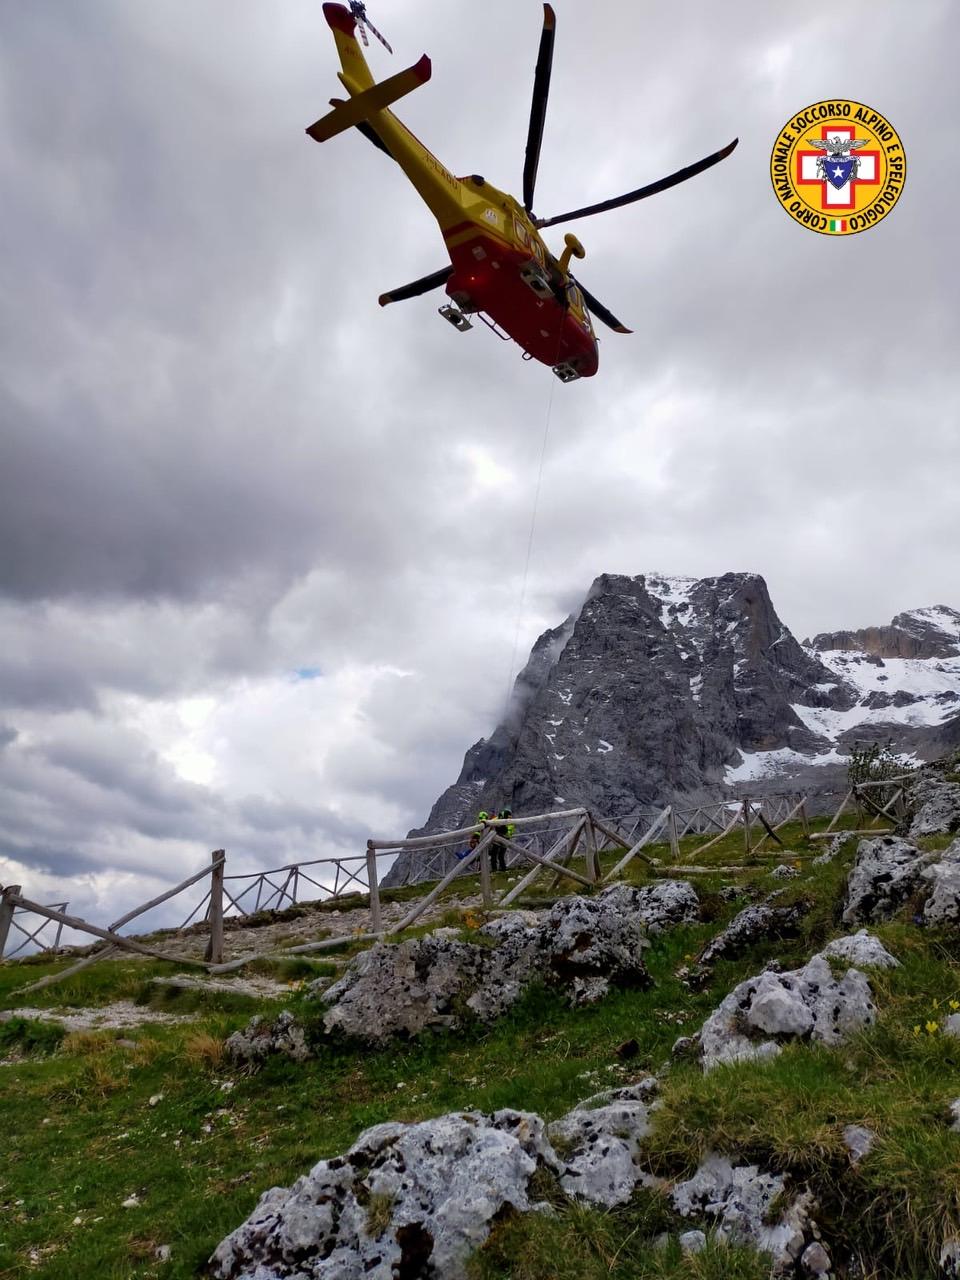 Soccorsi in montagna, quattro interventi in poche ore in Abruzzo